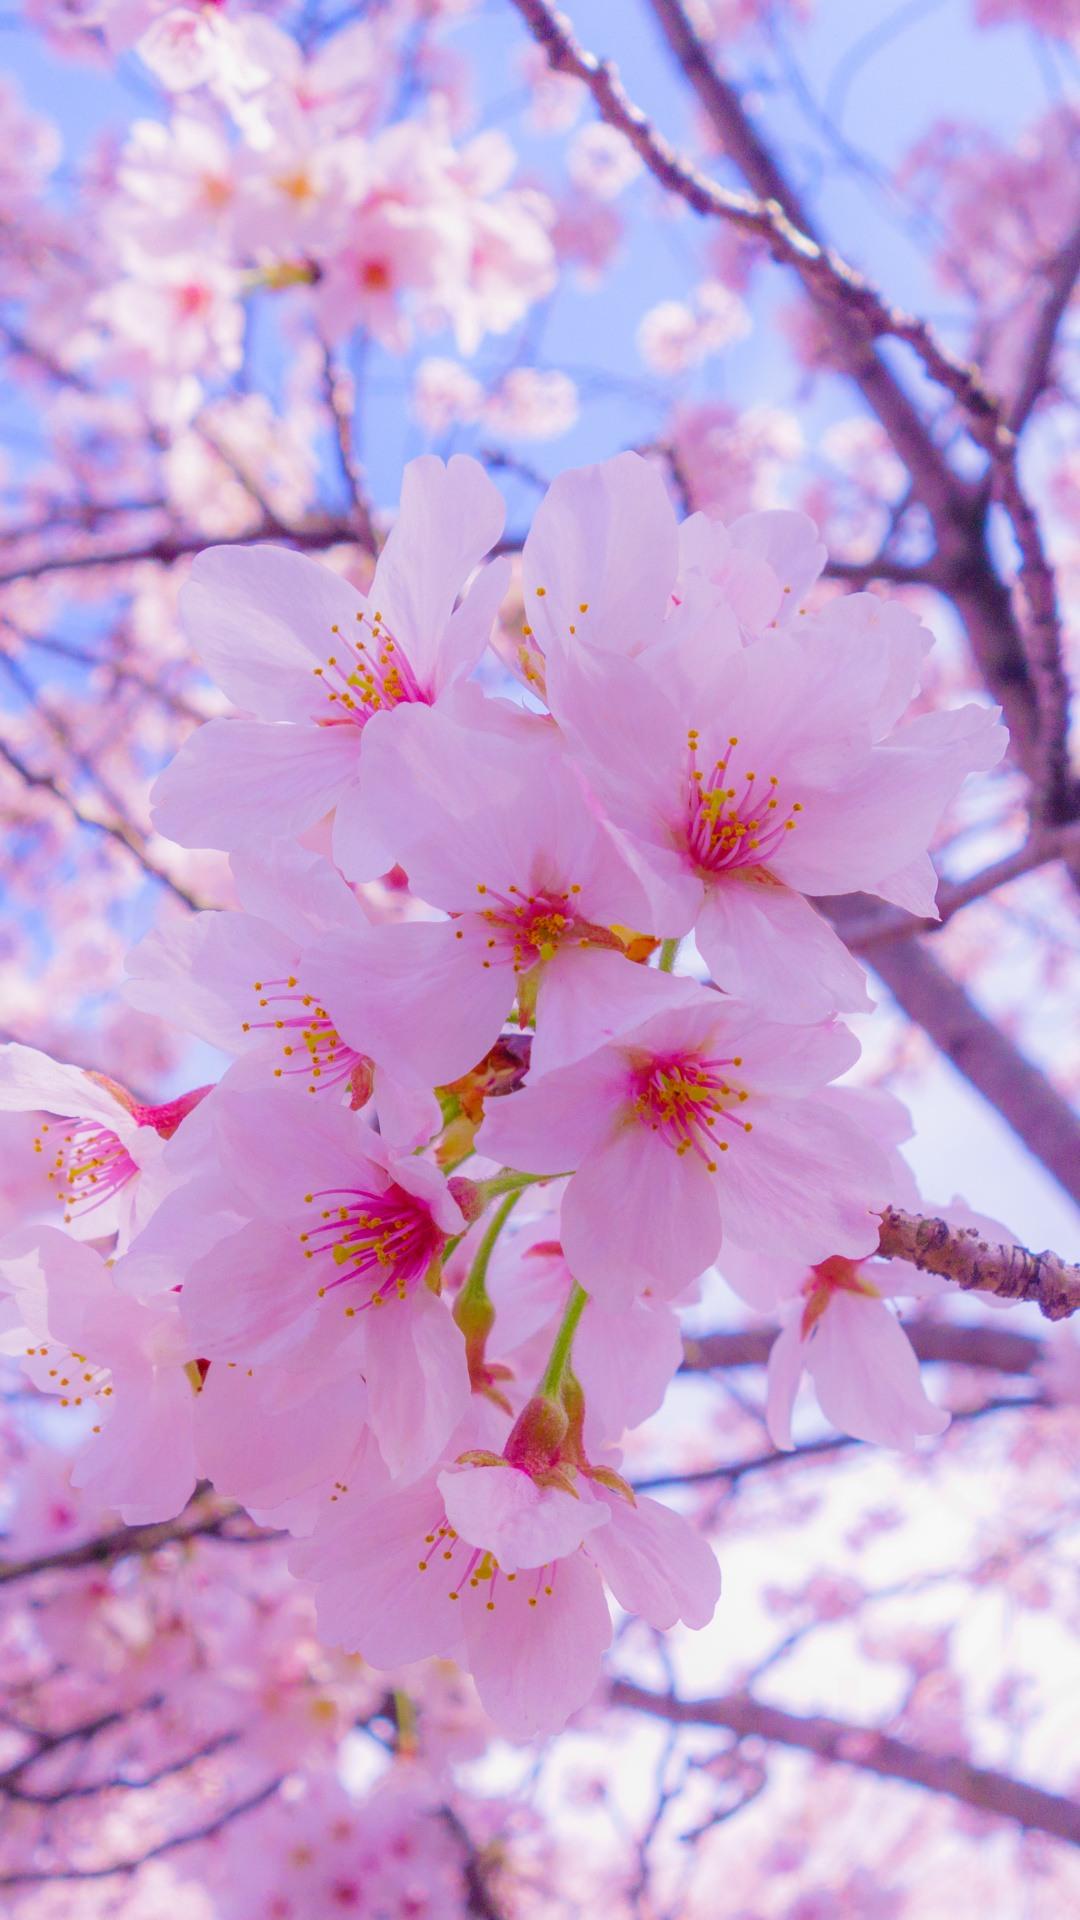 Картинки весна на заставку телефона (47 фото) • Прикольные ...  Обои на Телефон Цветы